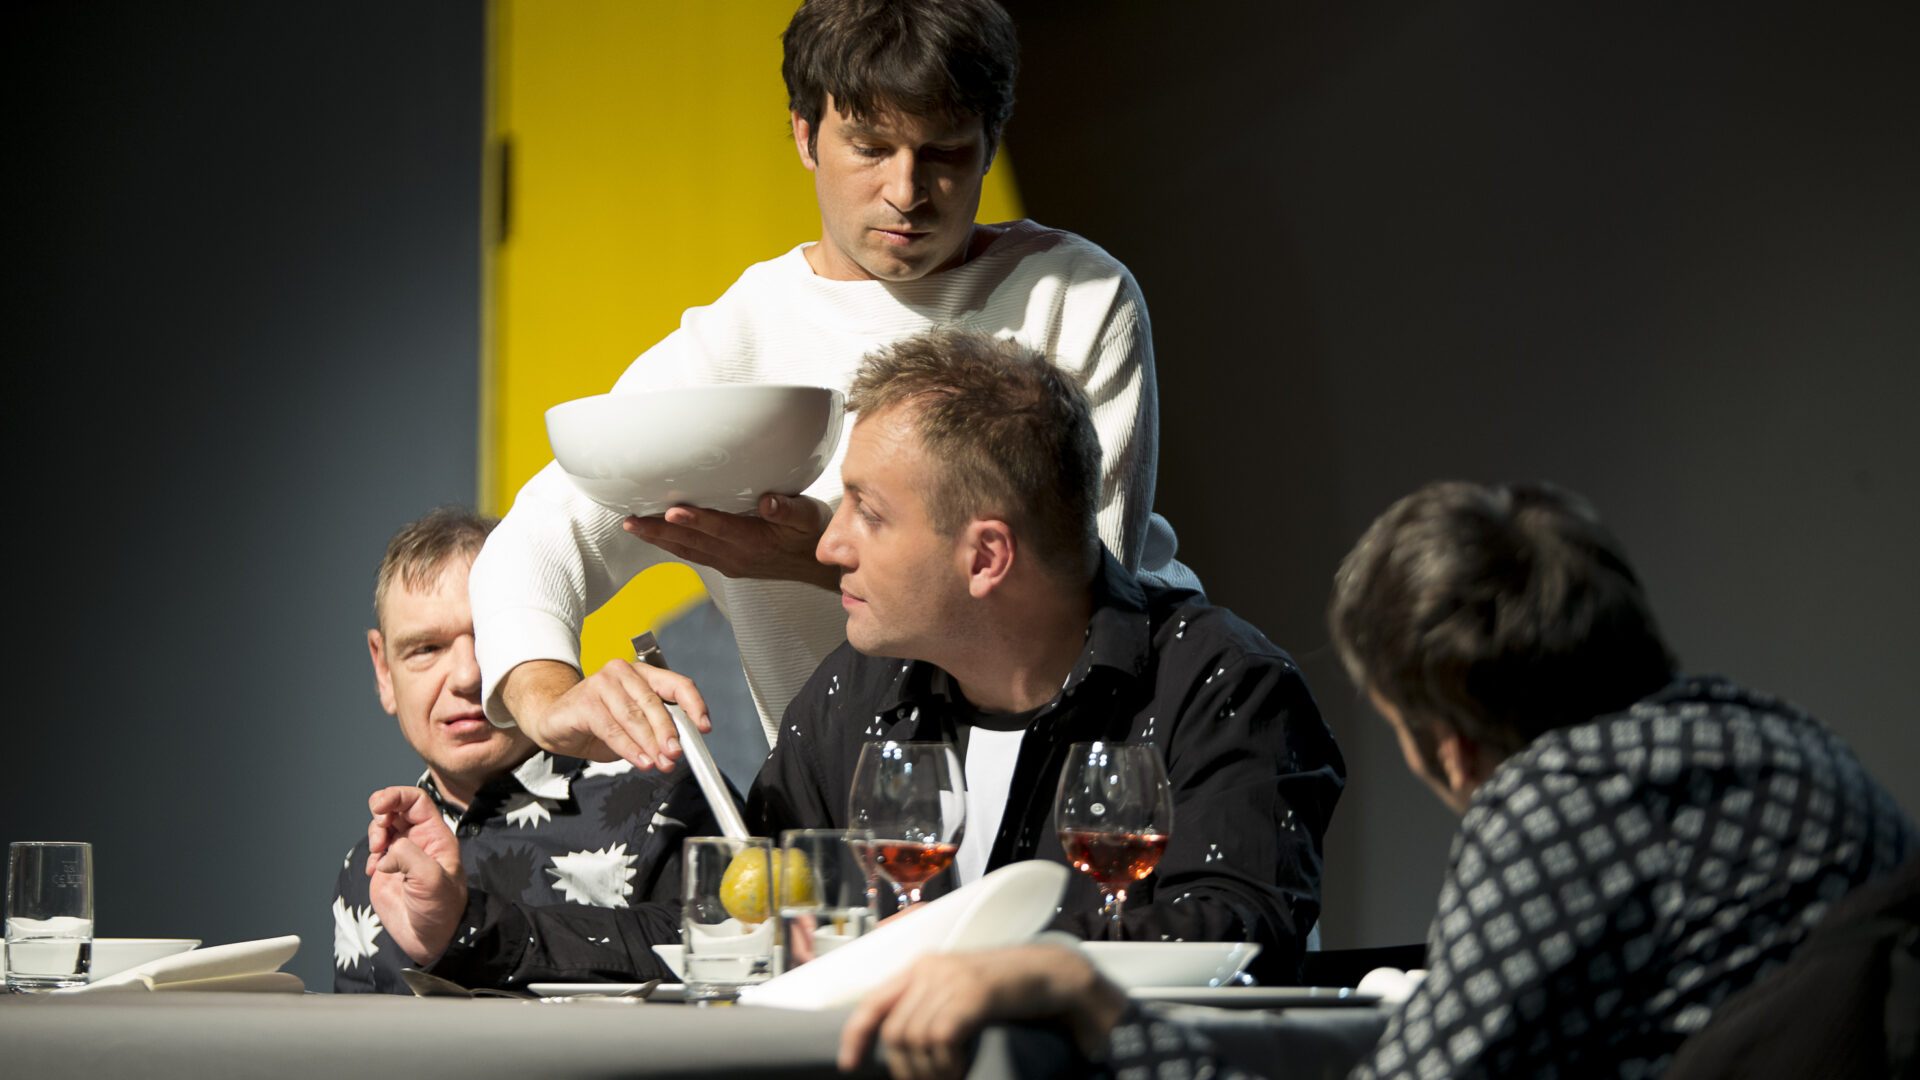 Szenenfoto einer Auffuehrung: drei Personen sitzen am Tisch ein einer Buehne. Einer steht zwischen den beiden ersten Personen von links und schenkt ein Getraenk ein.